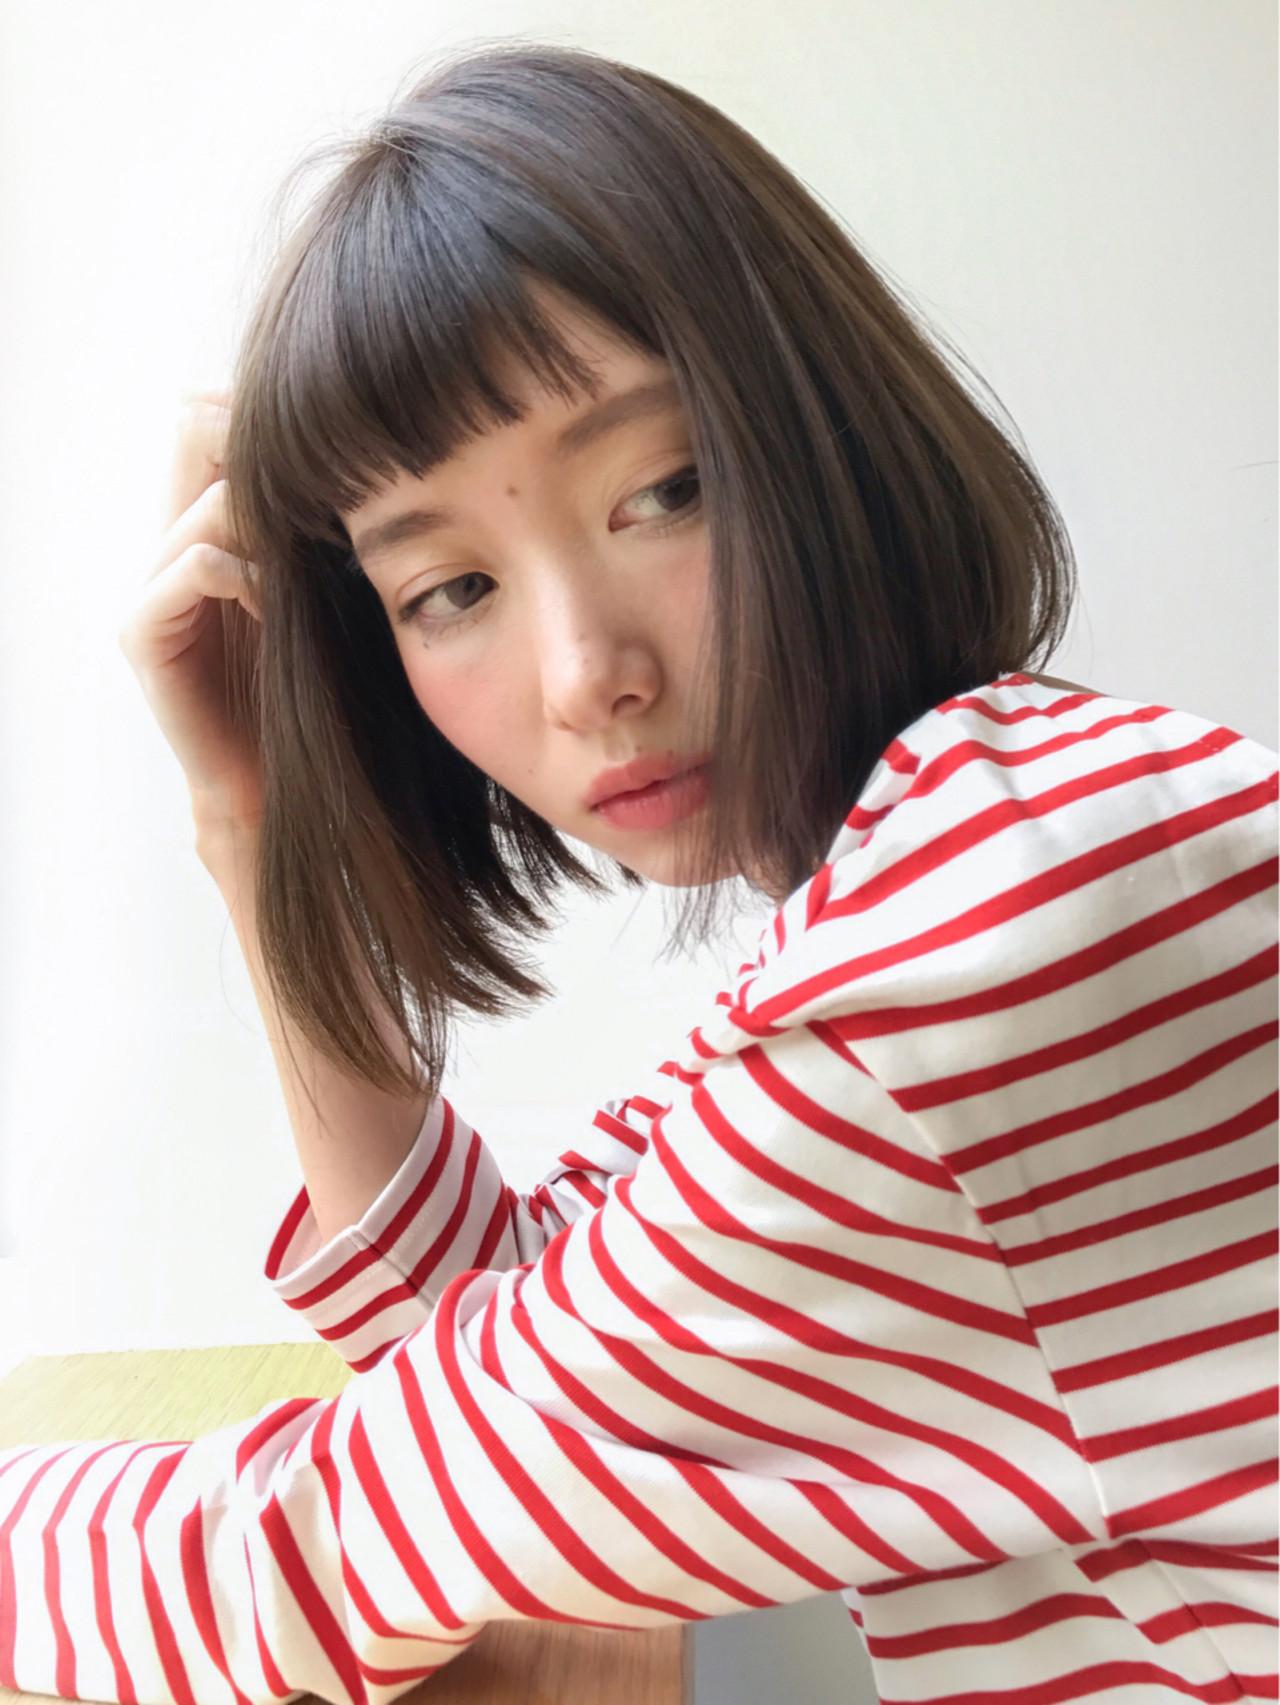 前髪あり デート フリンジバング ミルクティー ヘアスタイルや髪型の写真・画像 | lora.garden 細田真吾 / lora.garden